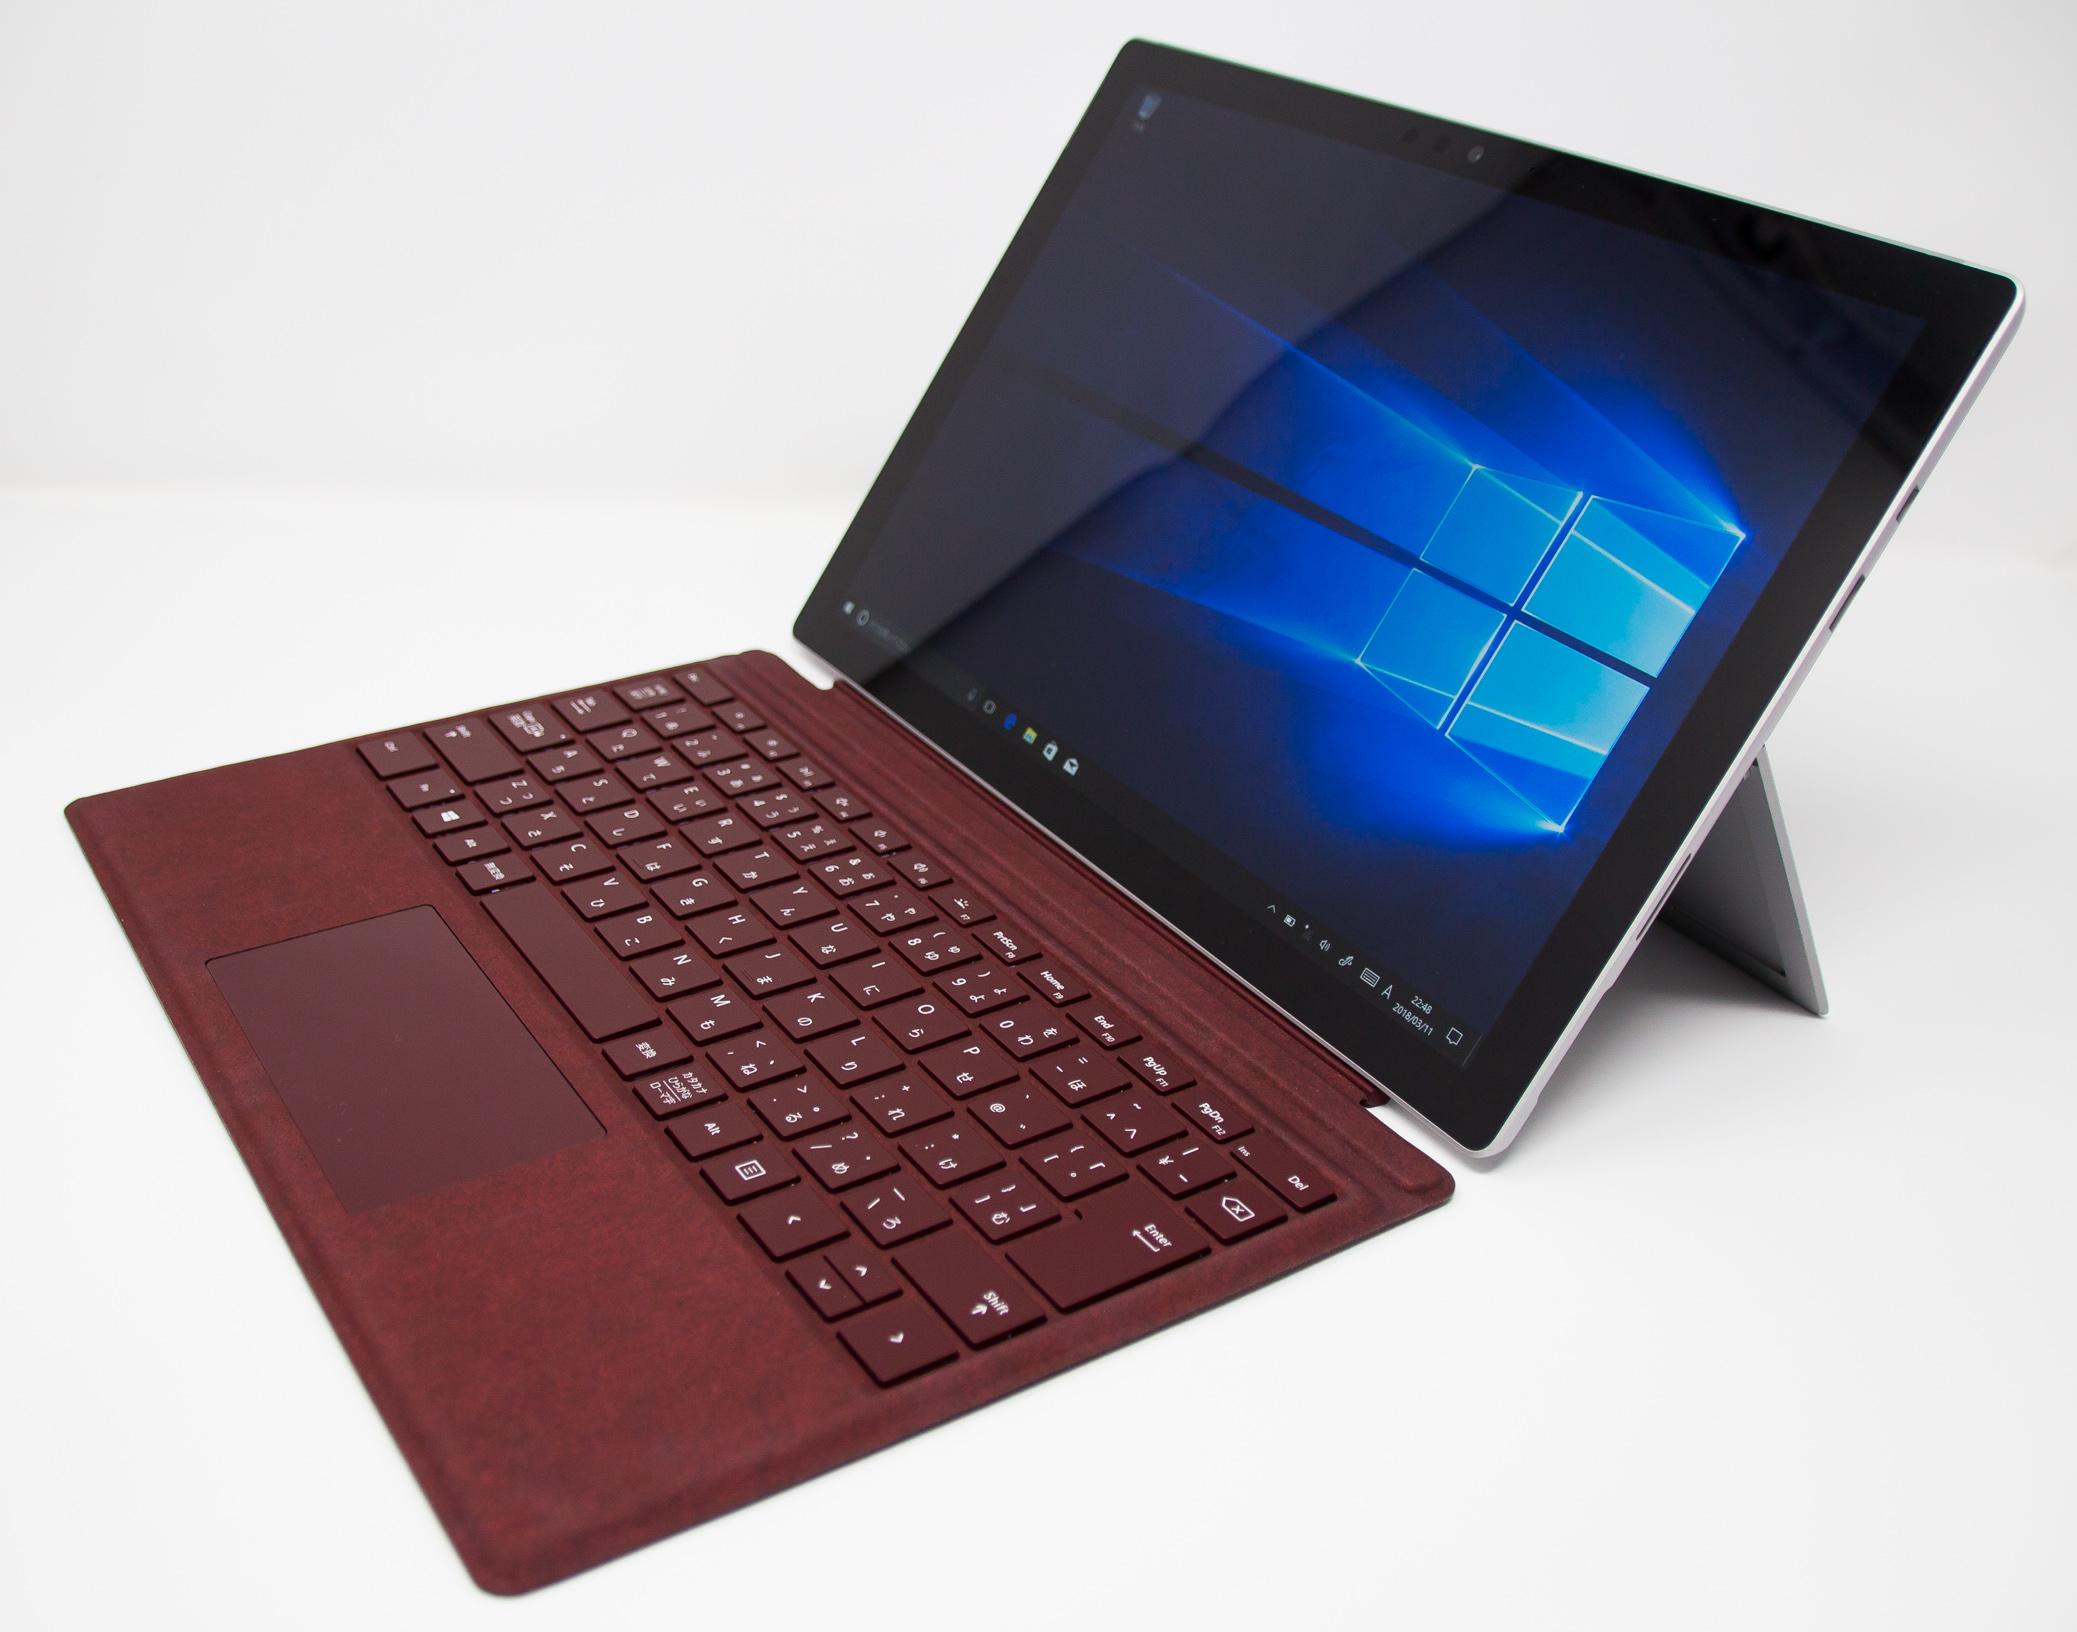 そろそろ買い替え時か?タイプカバーも進化した『Surface Pro (2017)』レビュー